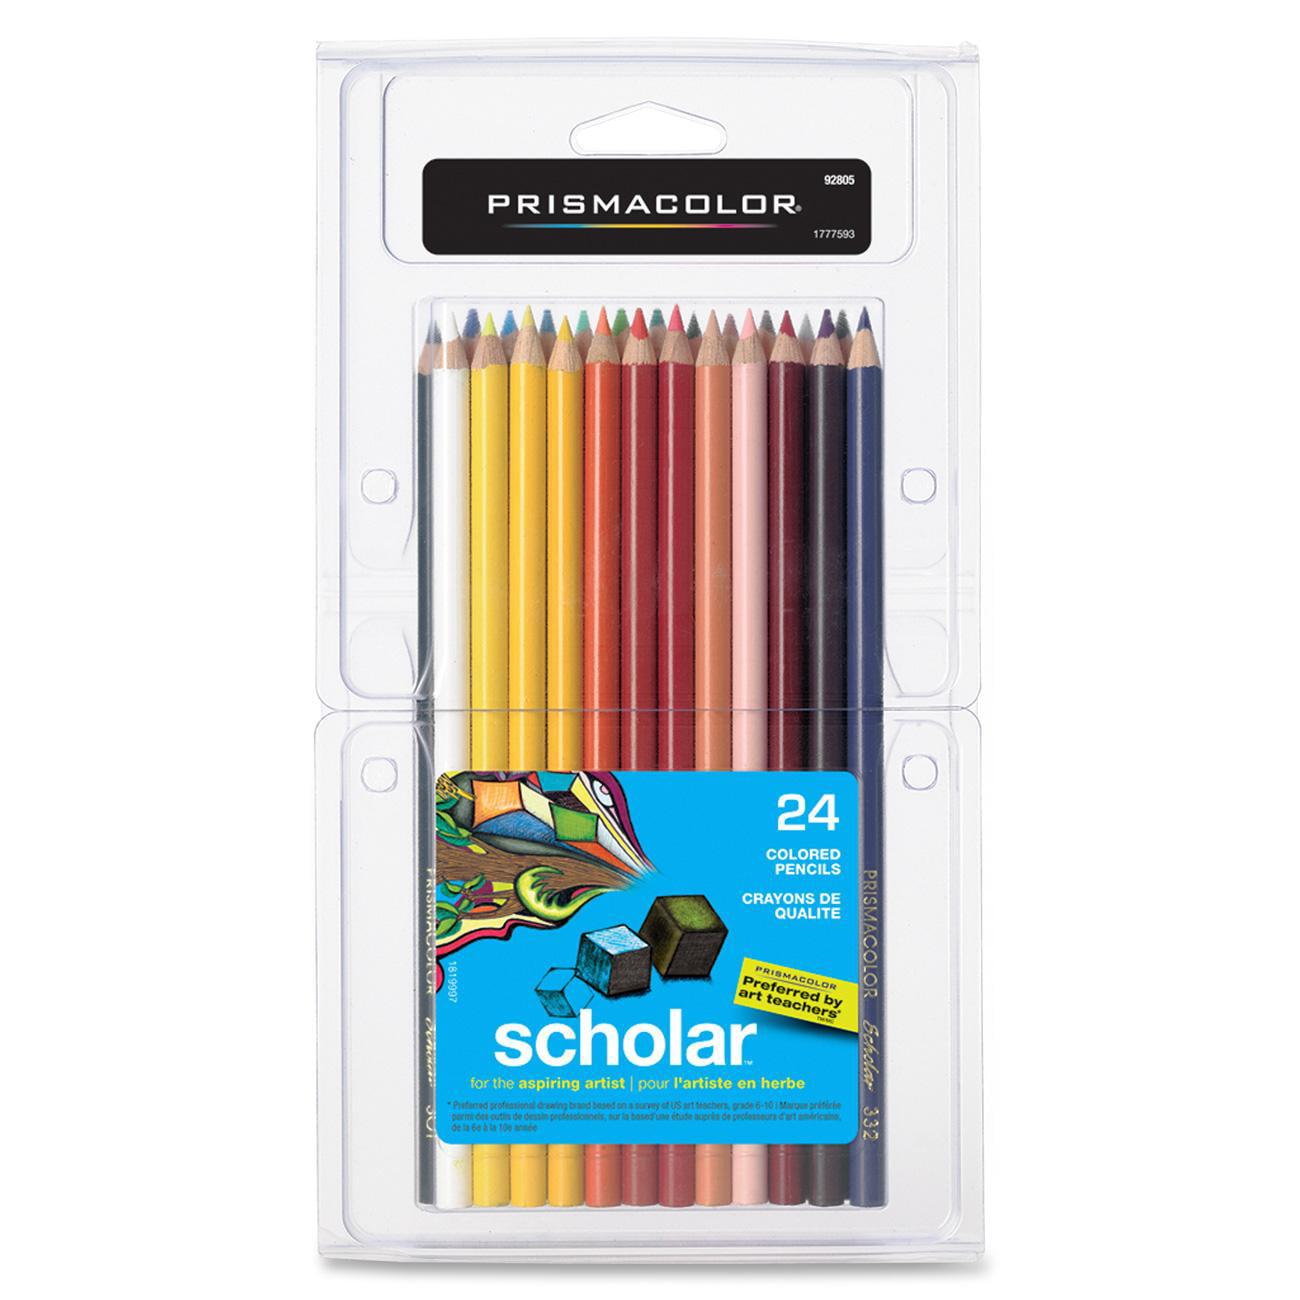 Prismacolor Scholar Colored Pencils, 24 Assorted Colors